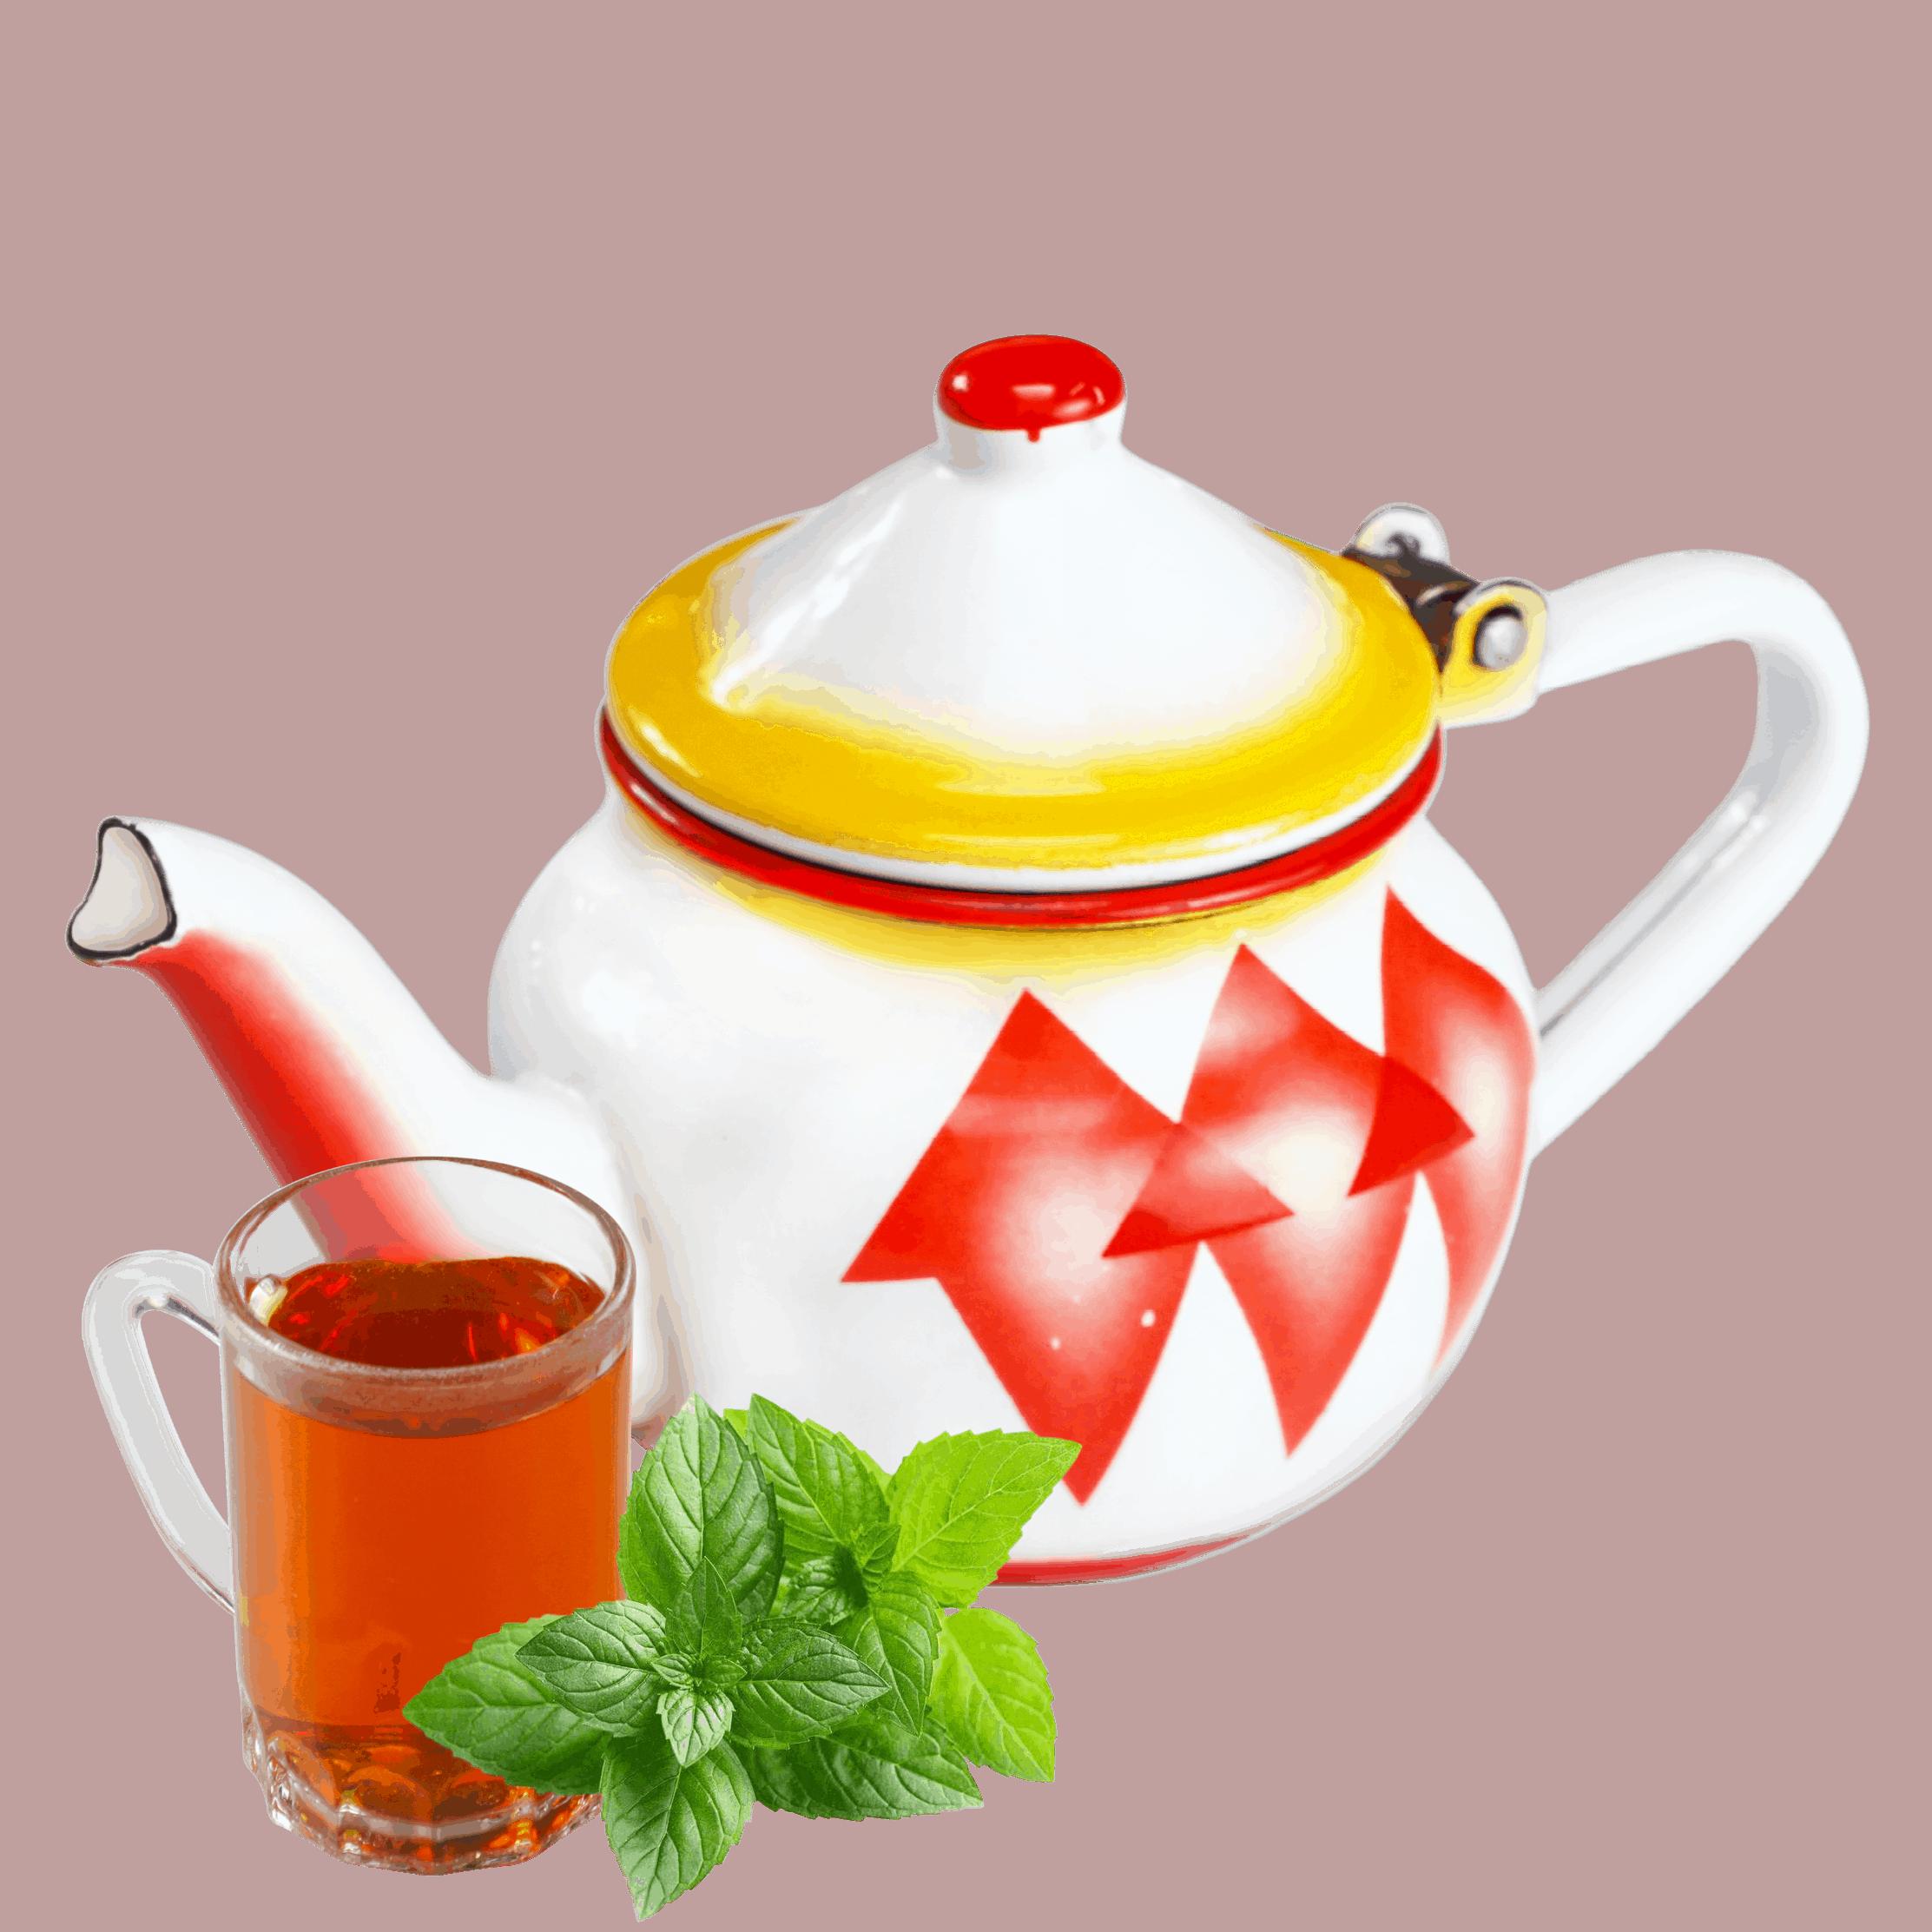 شاي احمر بالنعناع